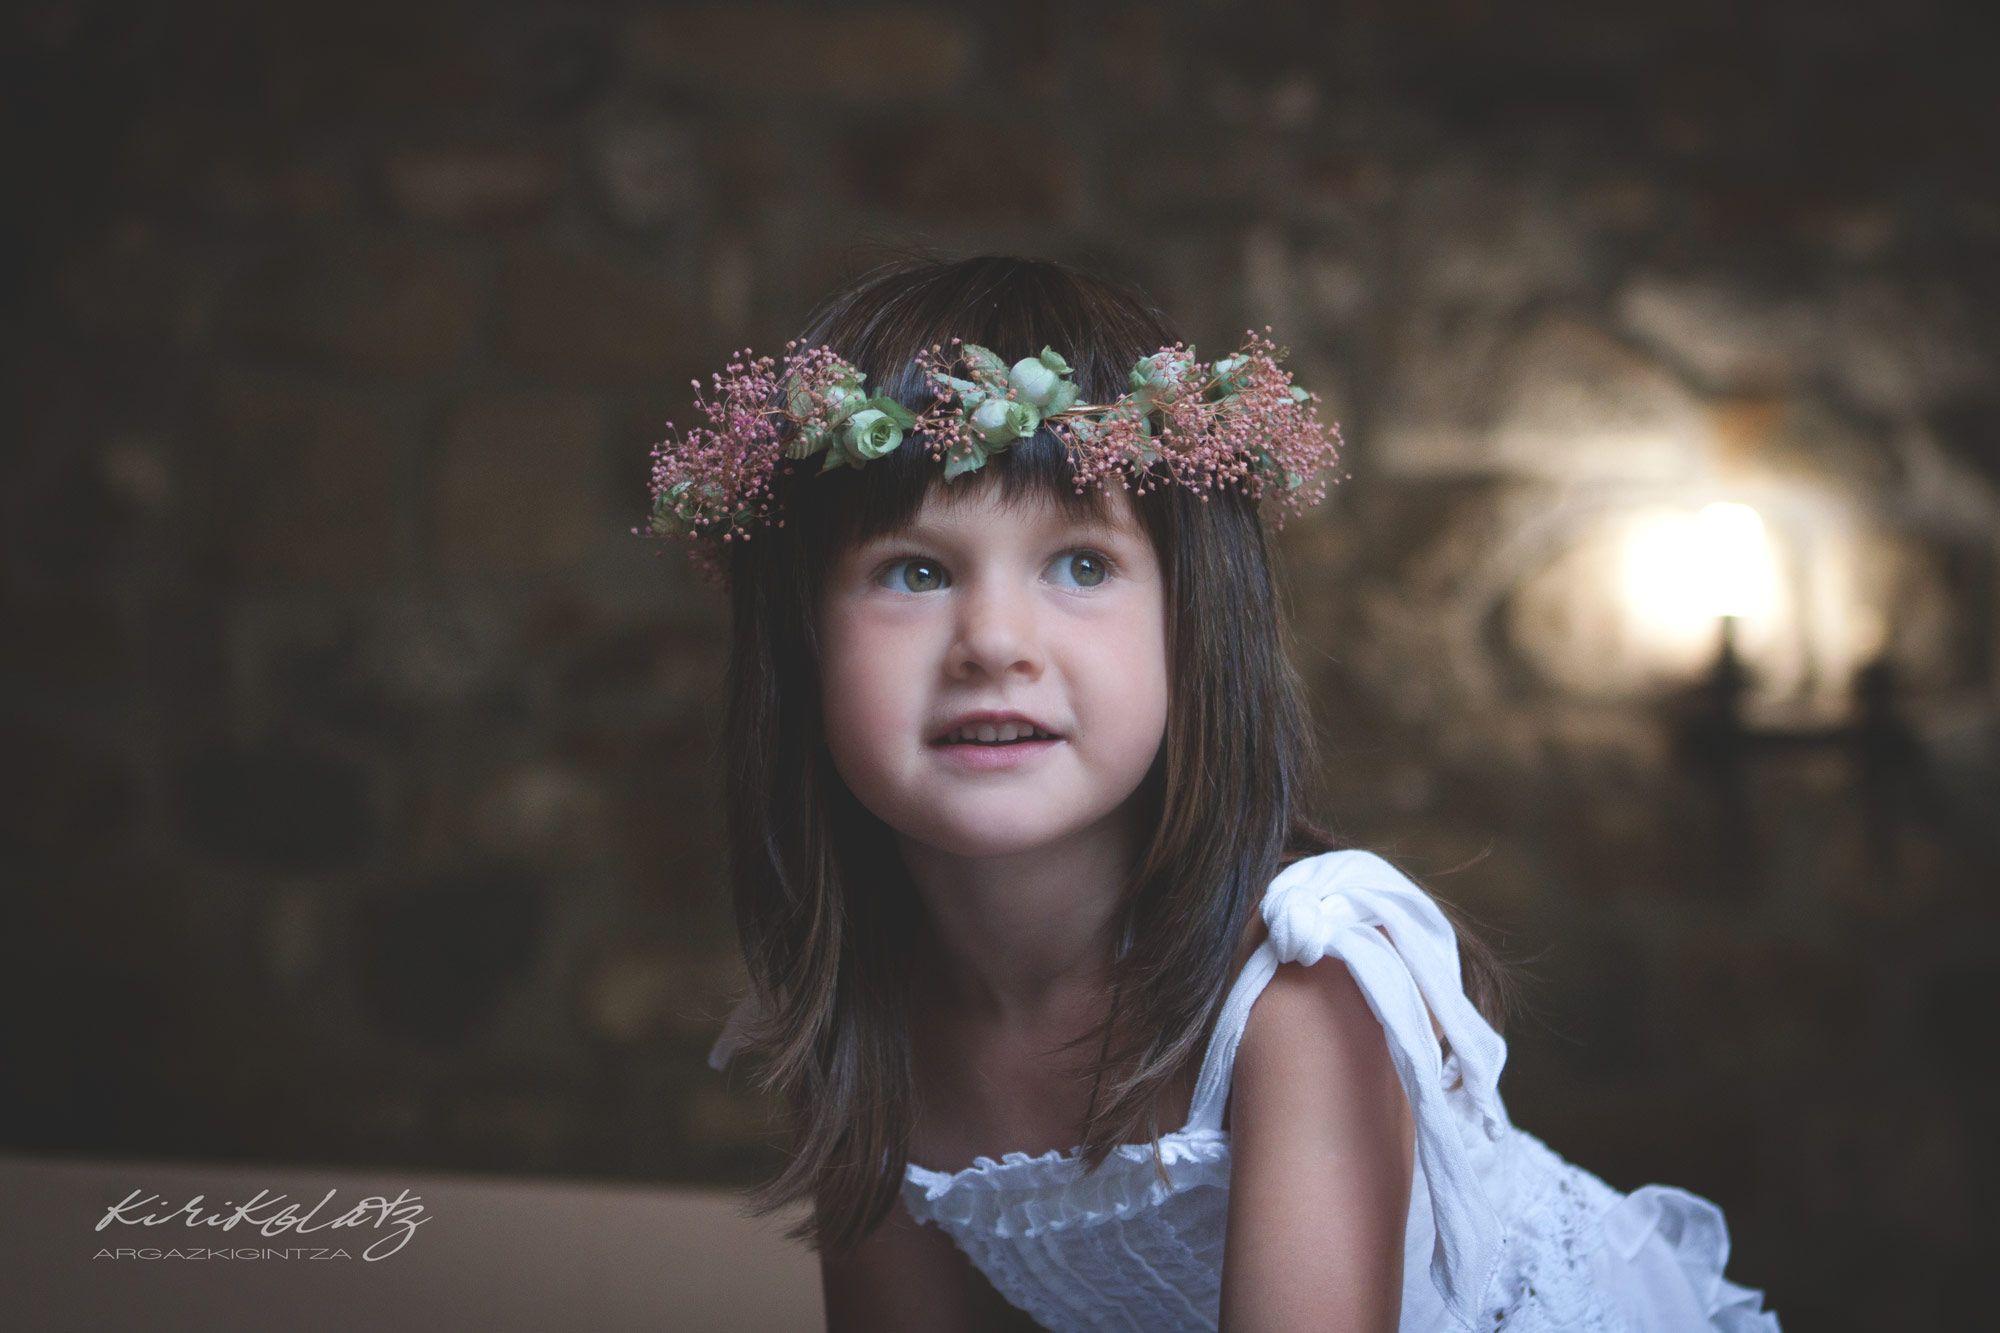 Fotografa Infantil Bizkaia Kirikolatz